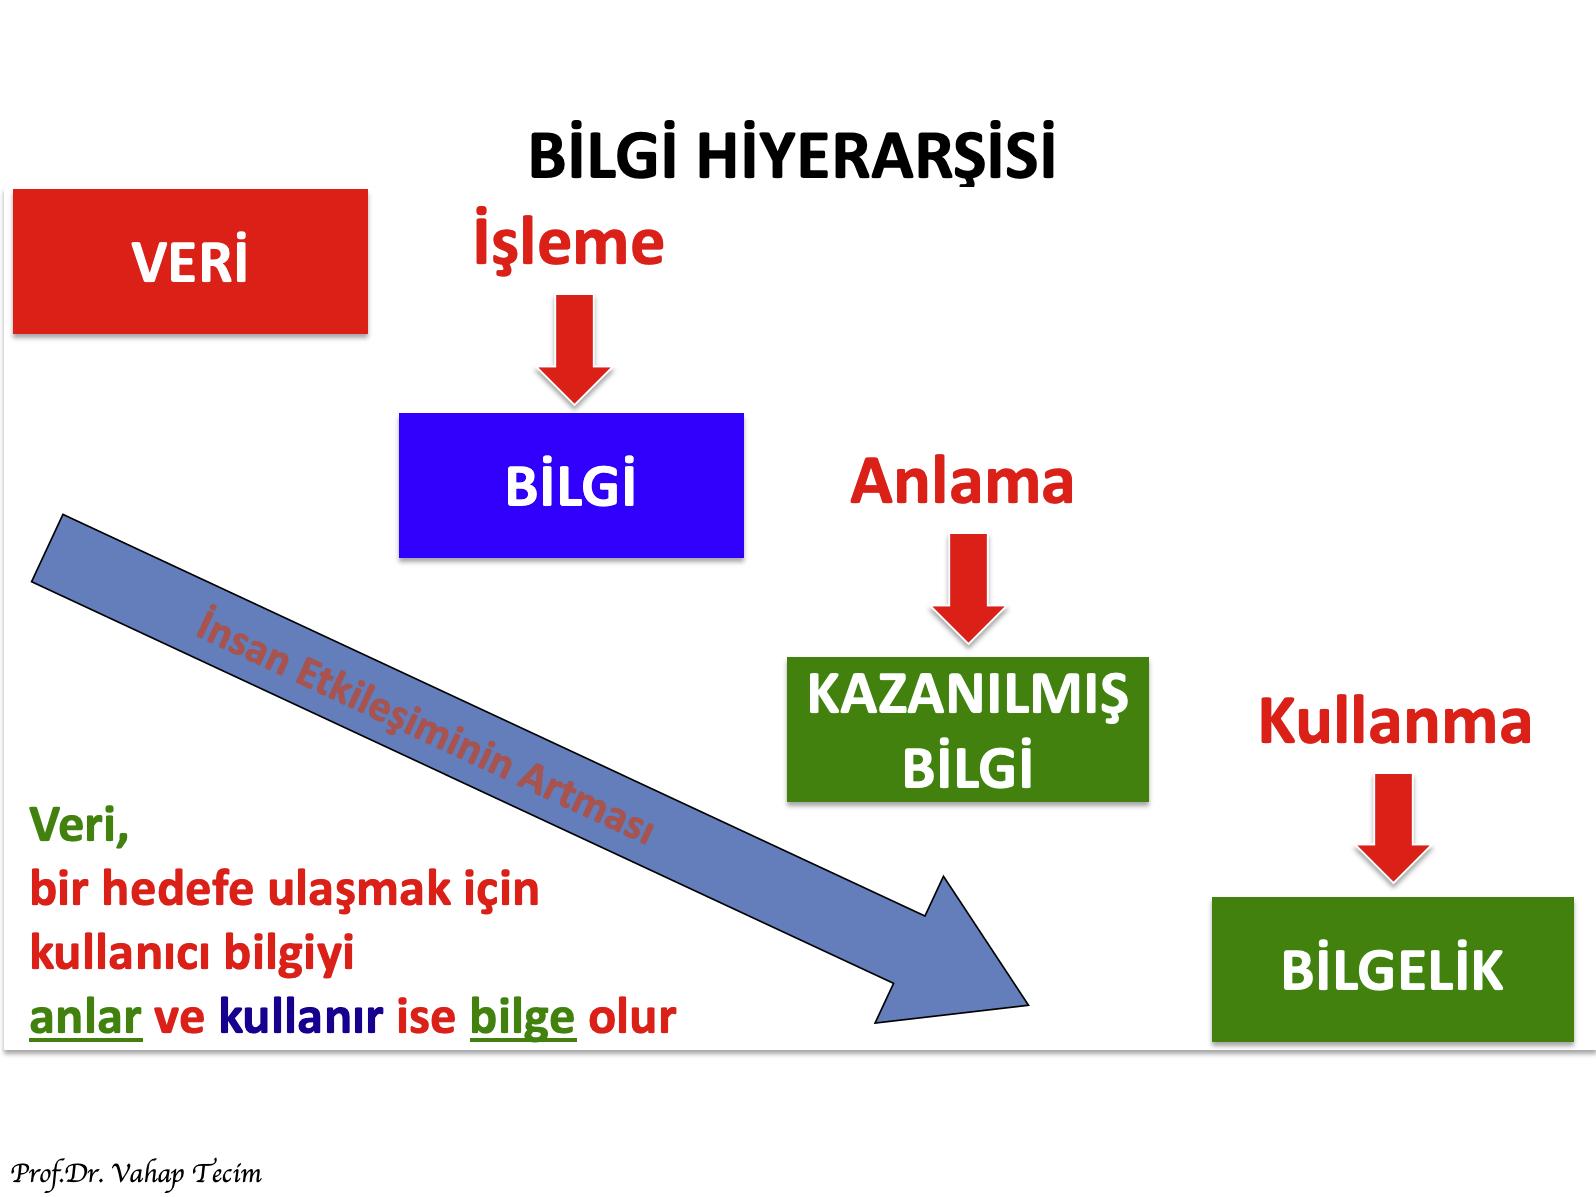 BilgiHiyerarşisi-3